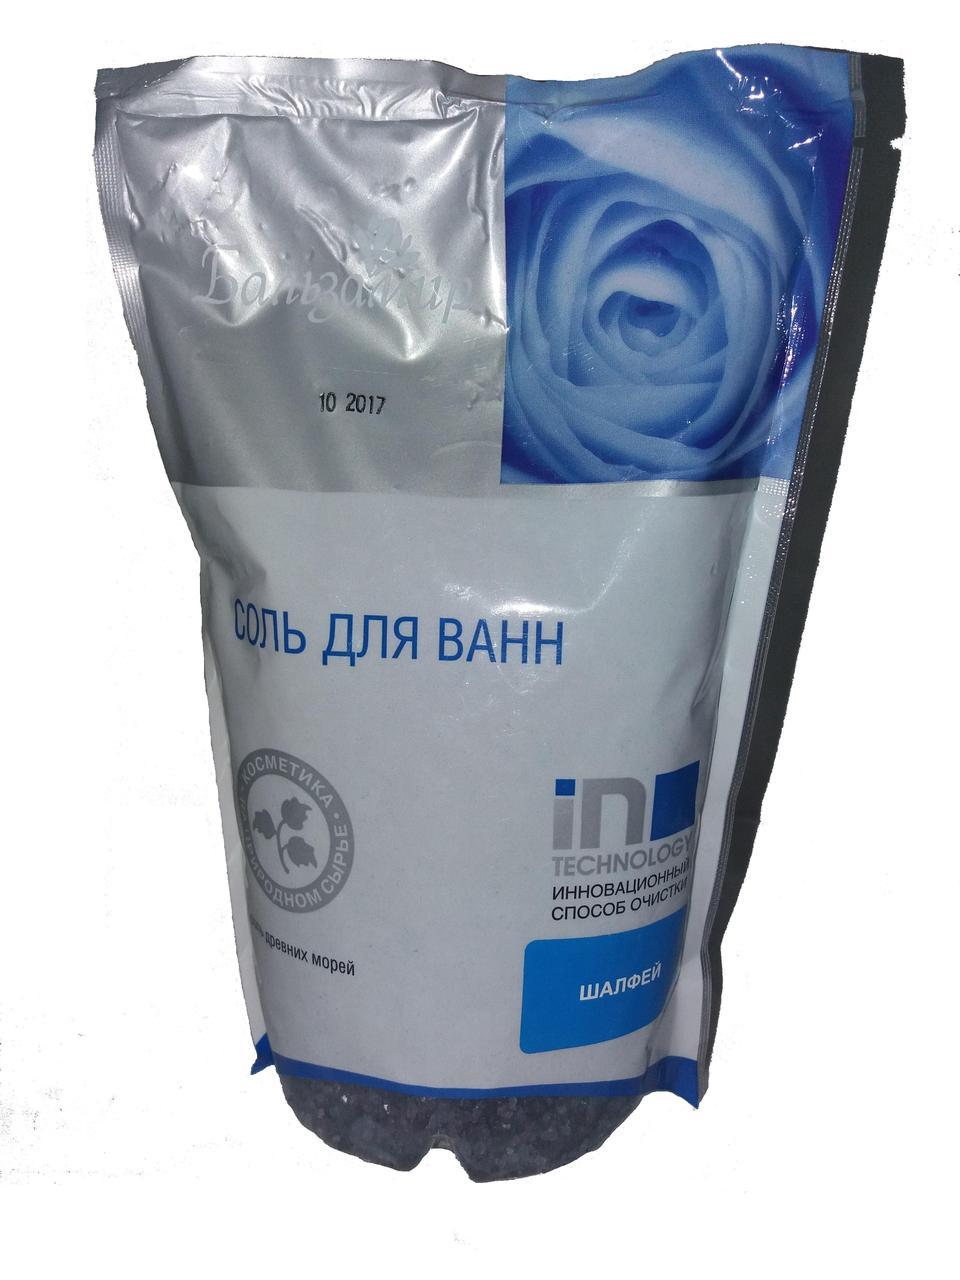 Бальзамир Соль для ванн Шалфей 1000г